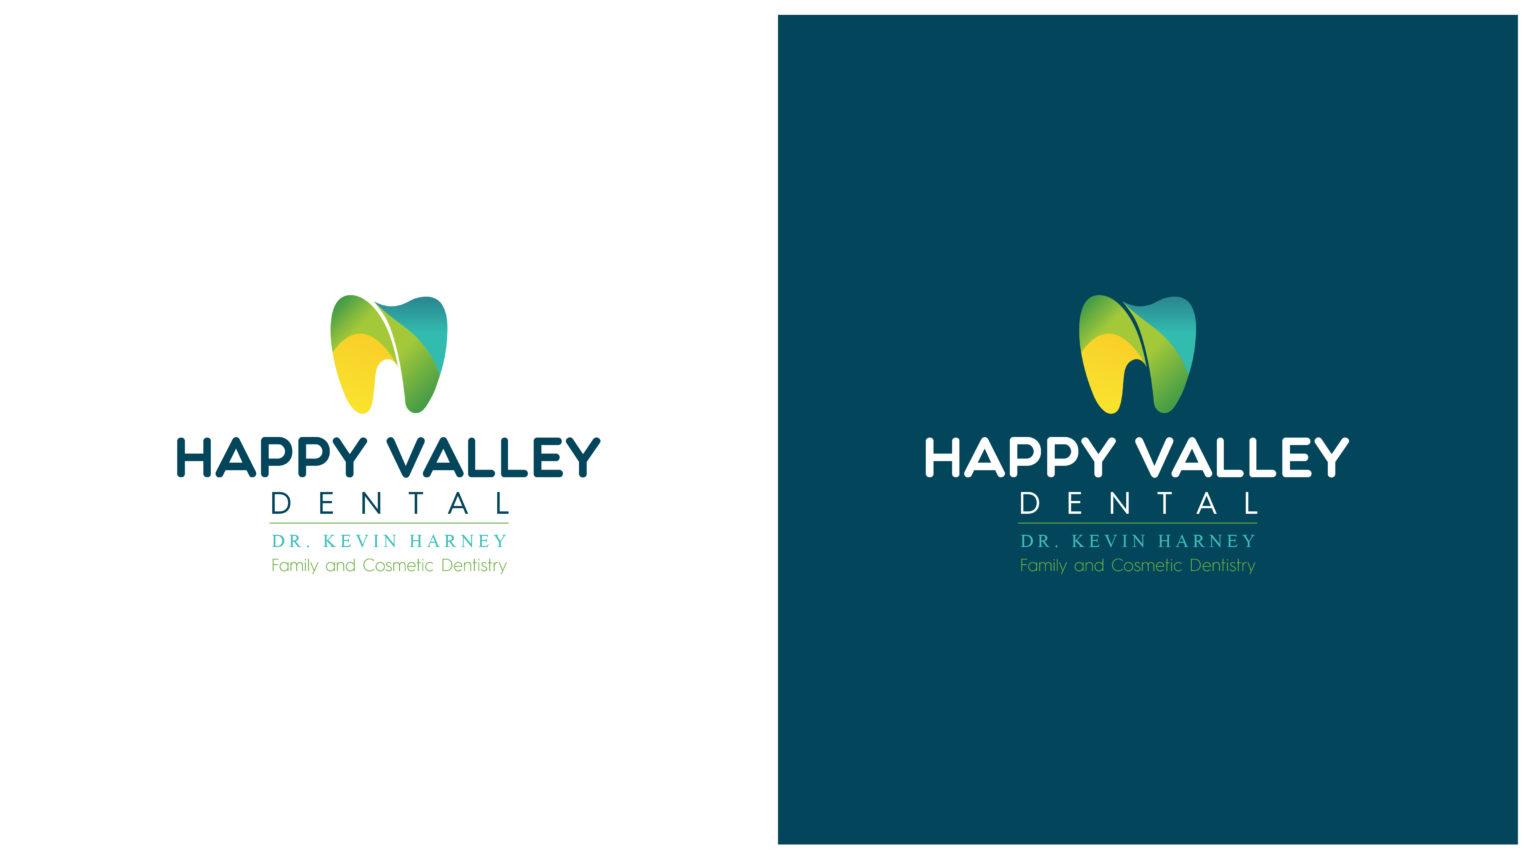 Happy Valley Dental